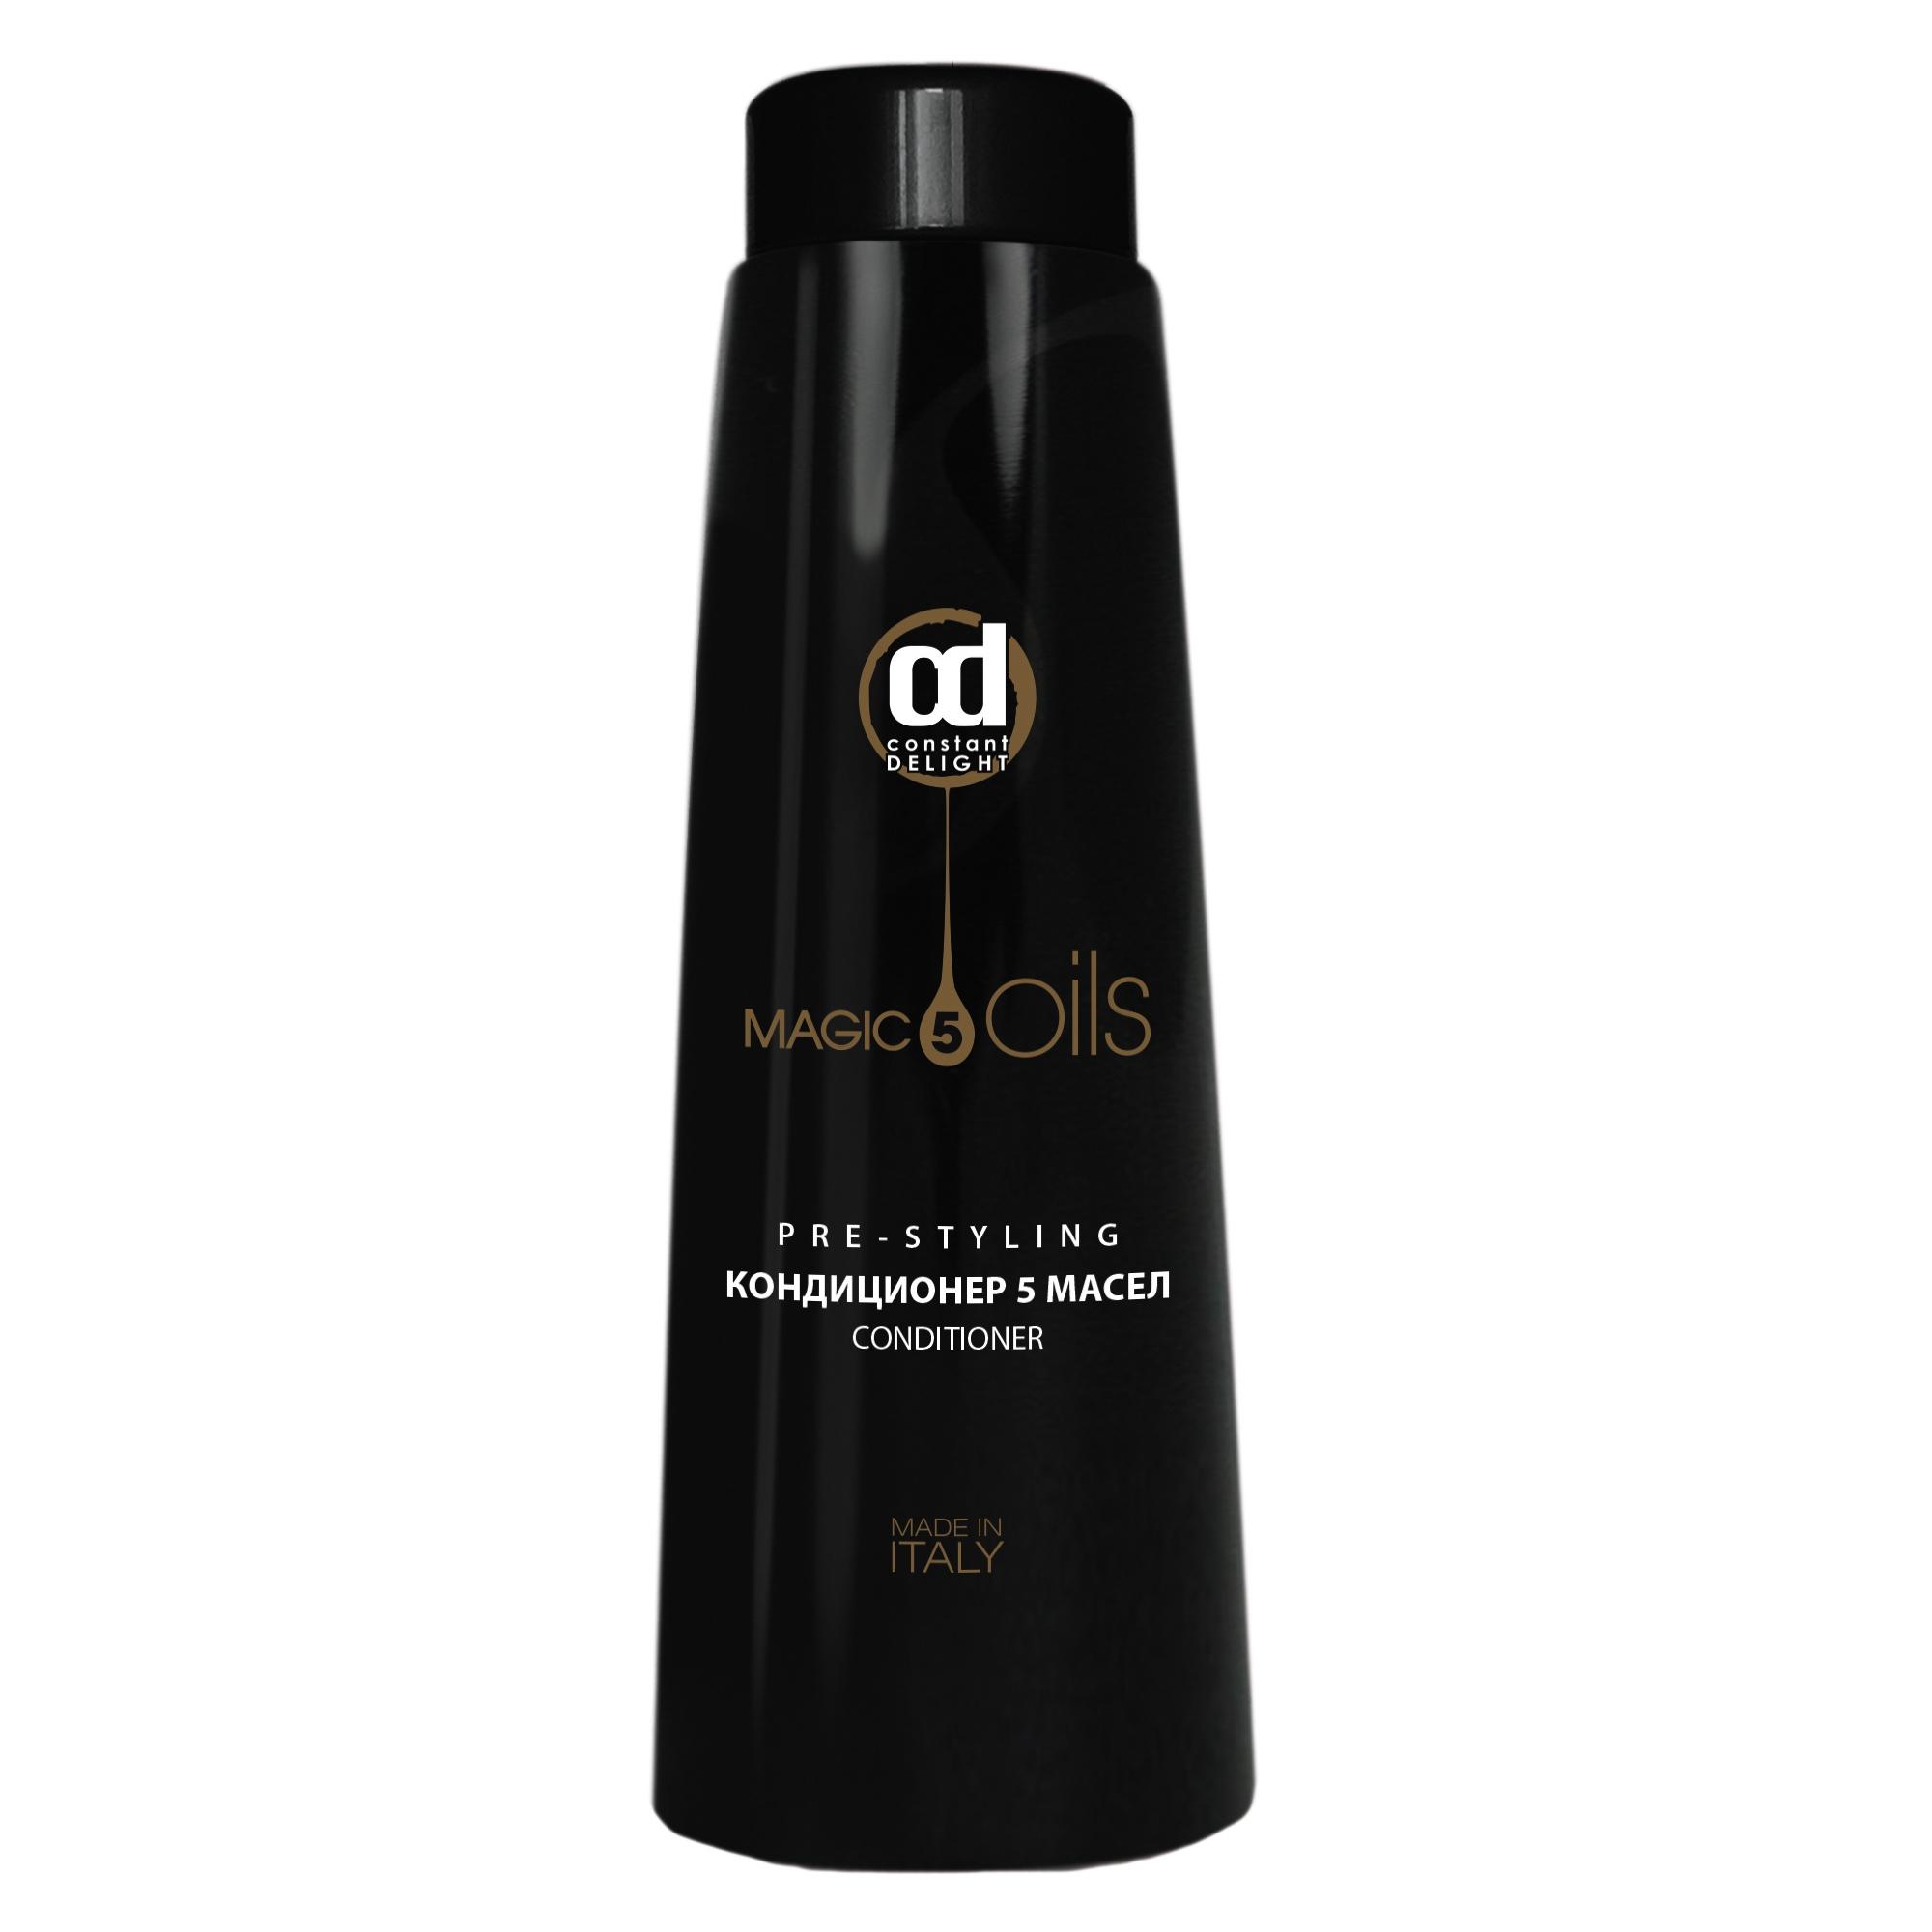 CONSTANT DELIGHT Кондиционер / 5 Magic Oil 1000 млКондиционеры<br>Восстанавливает волосы любого типа, даря им роскошное сияние и непревзойденную мягкость. Прекрасно подготавливает волосы к укладке. Формула кондиционера, состоящая из  5 Магических Масел : Макадамии, Хлопка, Жожоба, Авокадо, Арганы, увлажняет, питает, защищает структуру волос и возвращает им жизненную силу. Придает волосам потрясающий блеск и невесомость, кондиционирует и выравнивает поверхность волос. Облегчает расчесывание, не утяжеляя волосы. Активные ингредиенты: масла Макадами, Хлопка, Жожоба, Авокадо и Арганы. Способ применения: - нанести небольшое количество кондиционера на влажные, очищенные шампунем Pre-styling глубокой очистки волосы по всей длине. - оставить на 2-3 минуты. - смыть.<br><br>Типы волос: Для всех типов